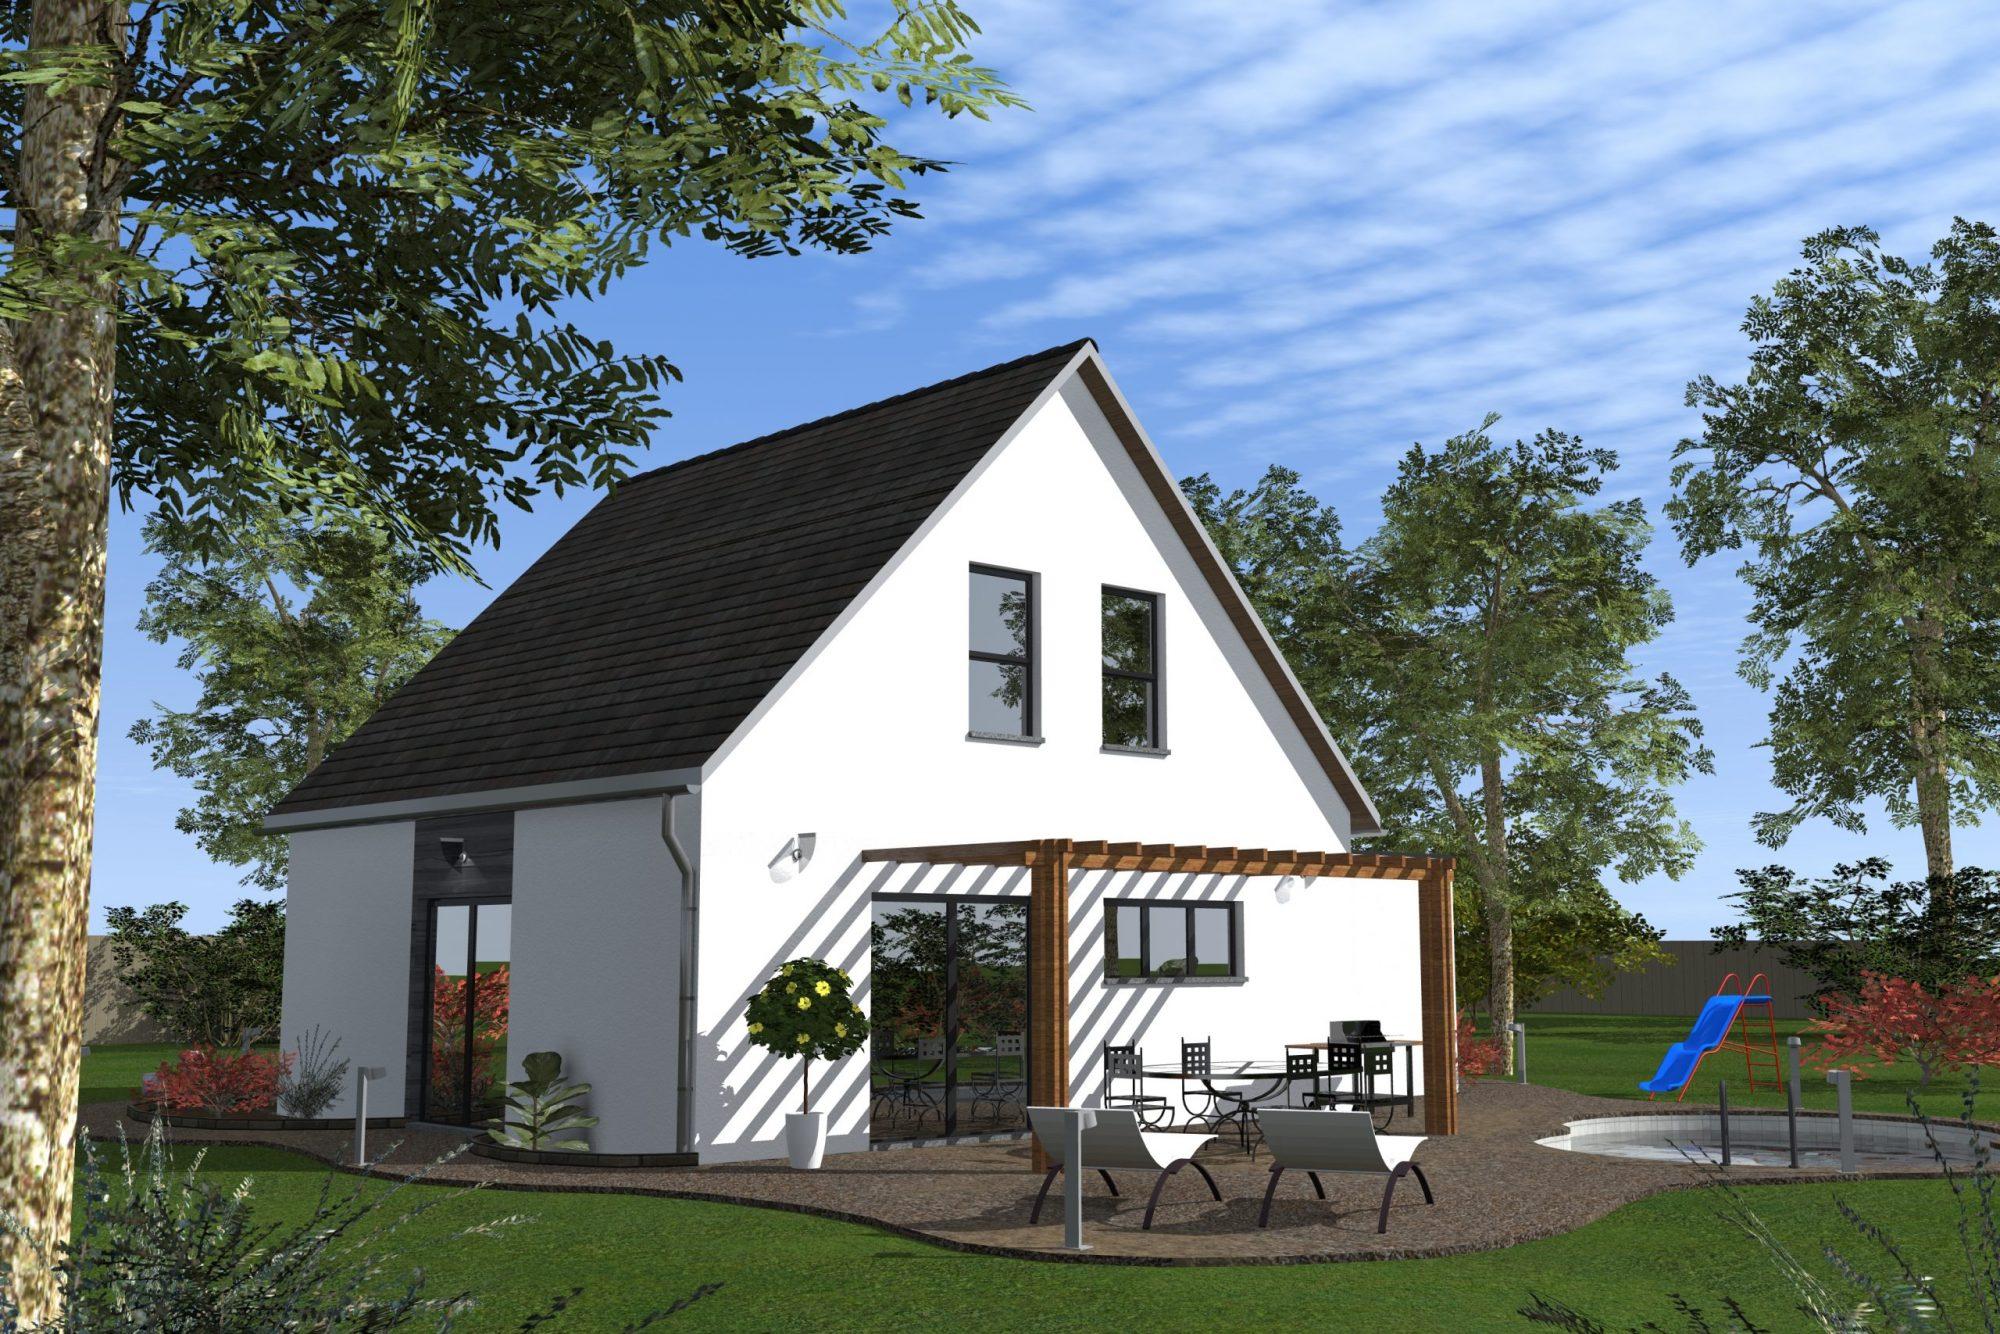 Maison individuelle avec terrasse jardin